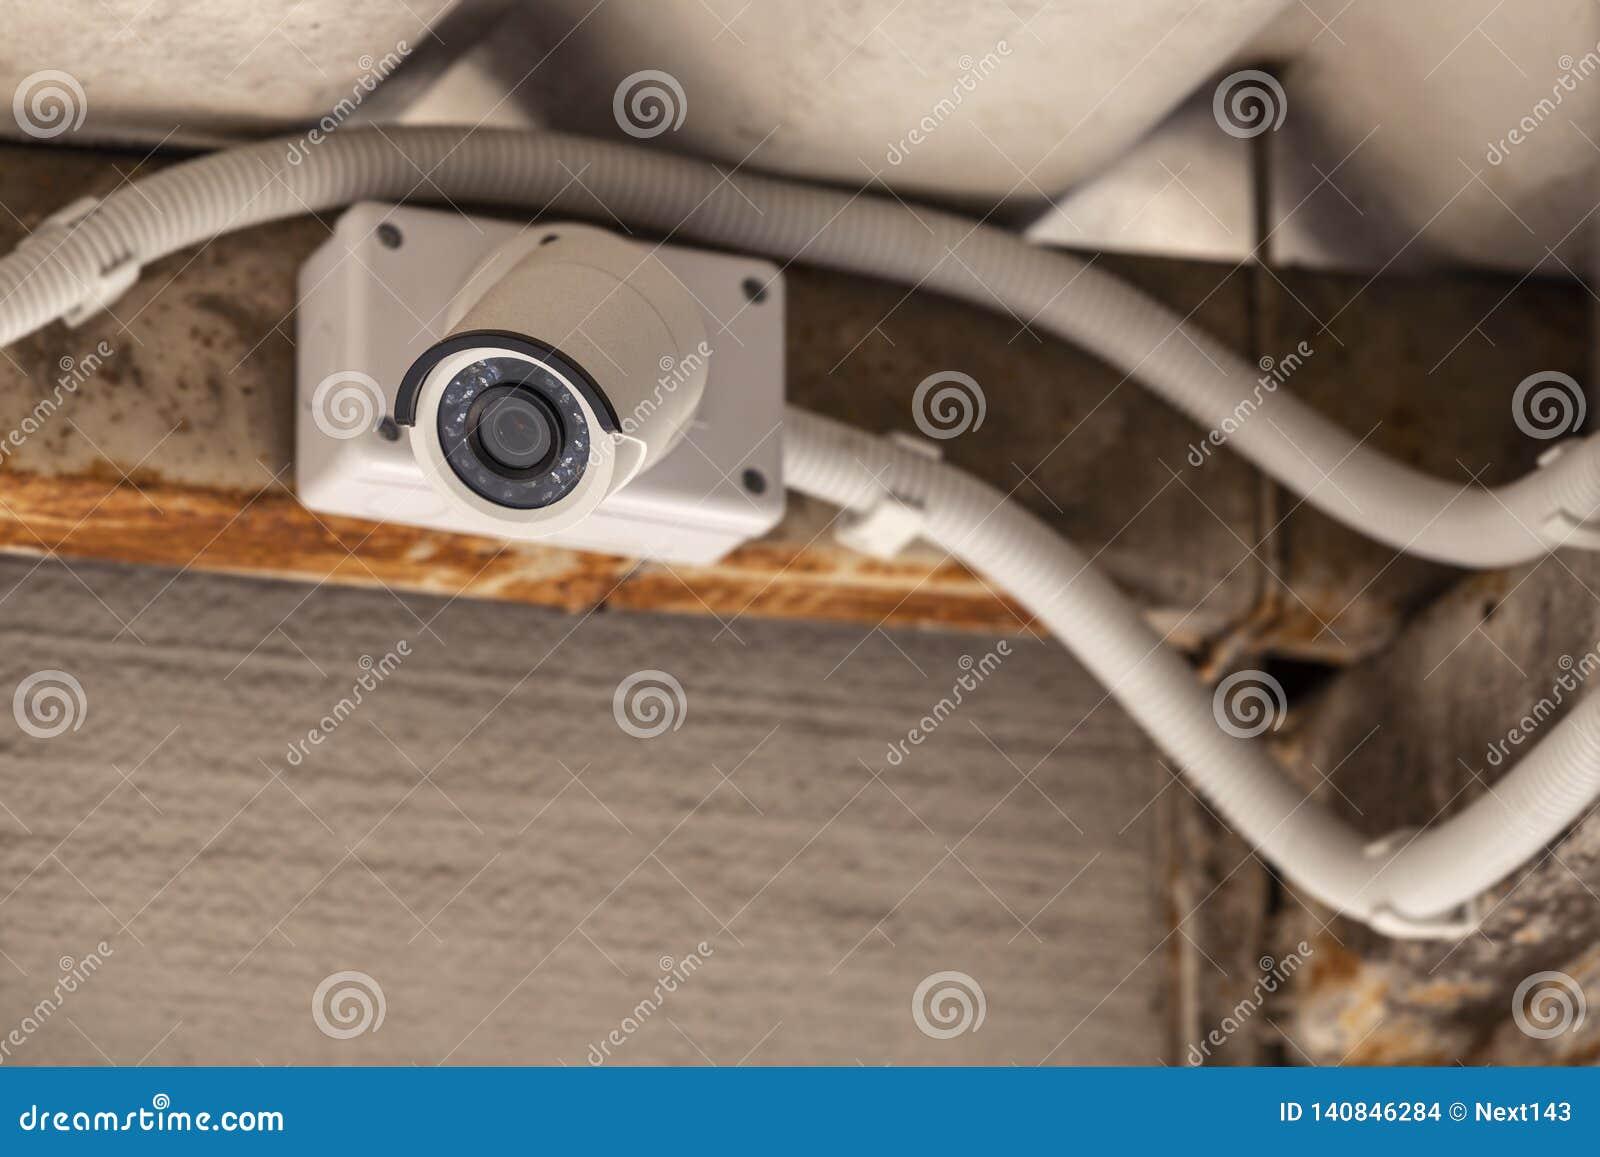 Kabeltelevisie opgezet op plafond onder het dak